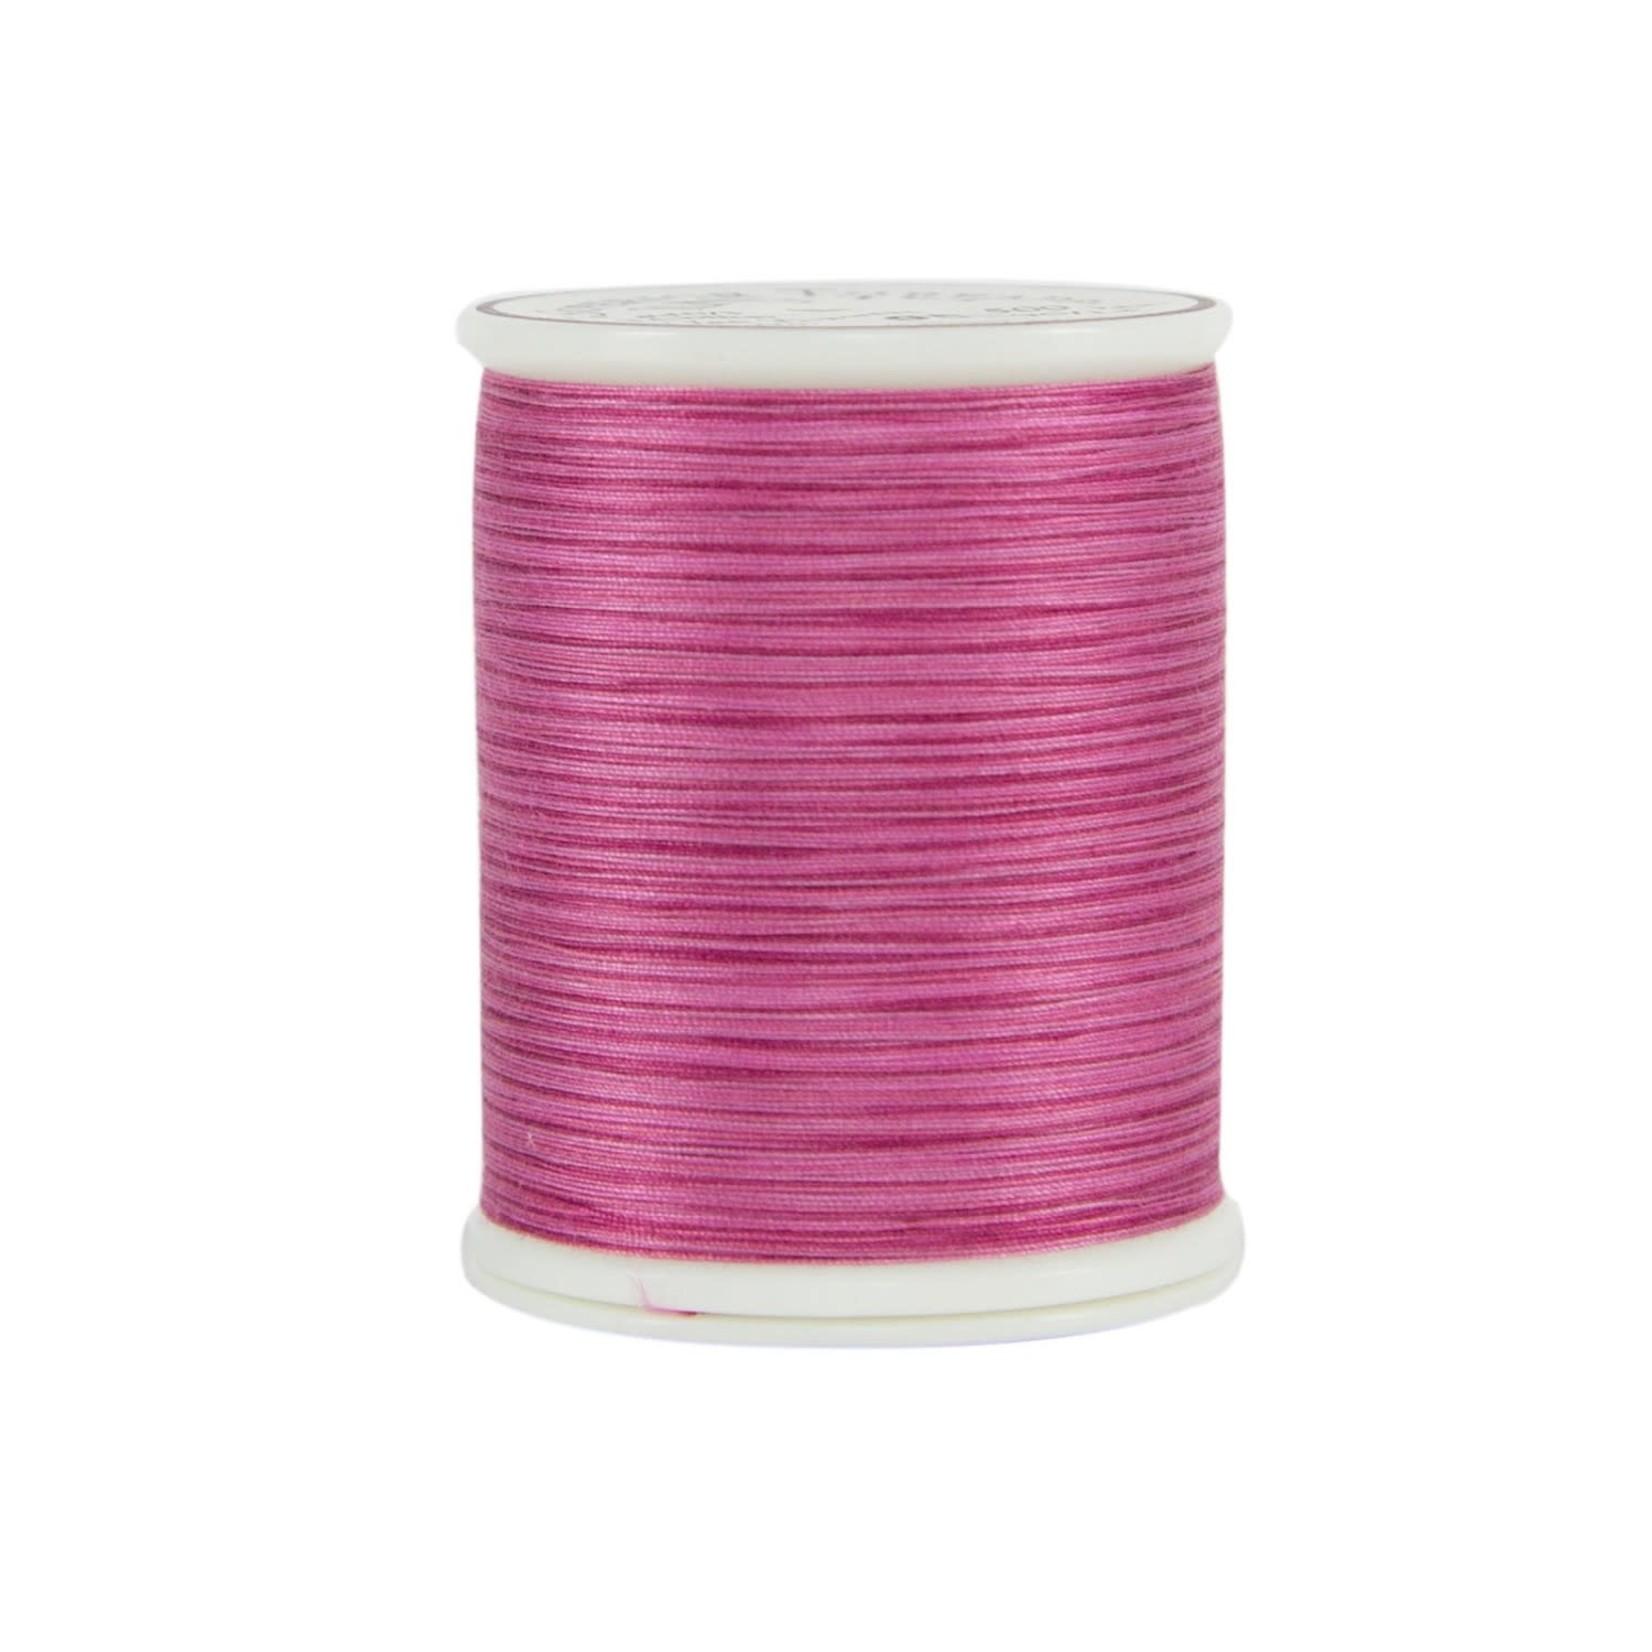 Superior Threads King Tut - #40 - 457 m - 0952 Wild Roze